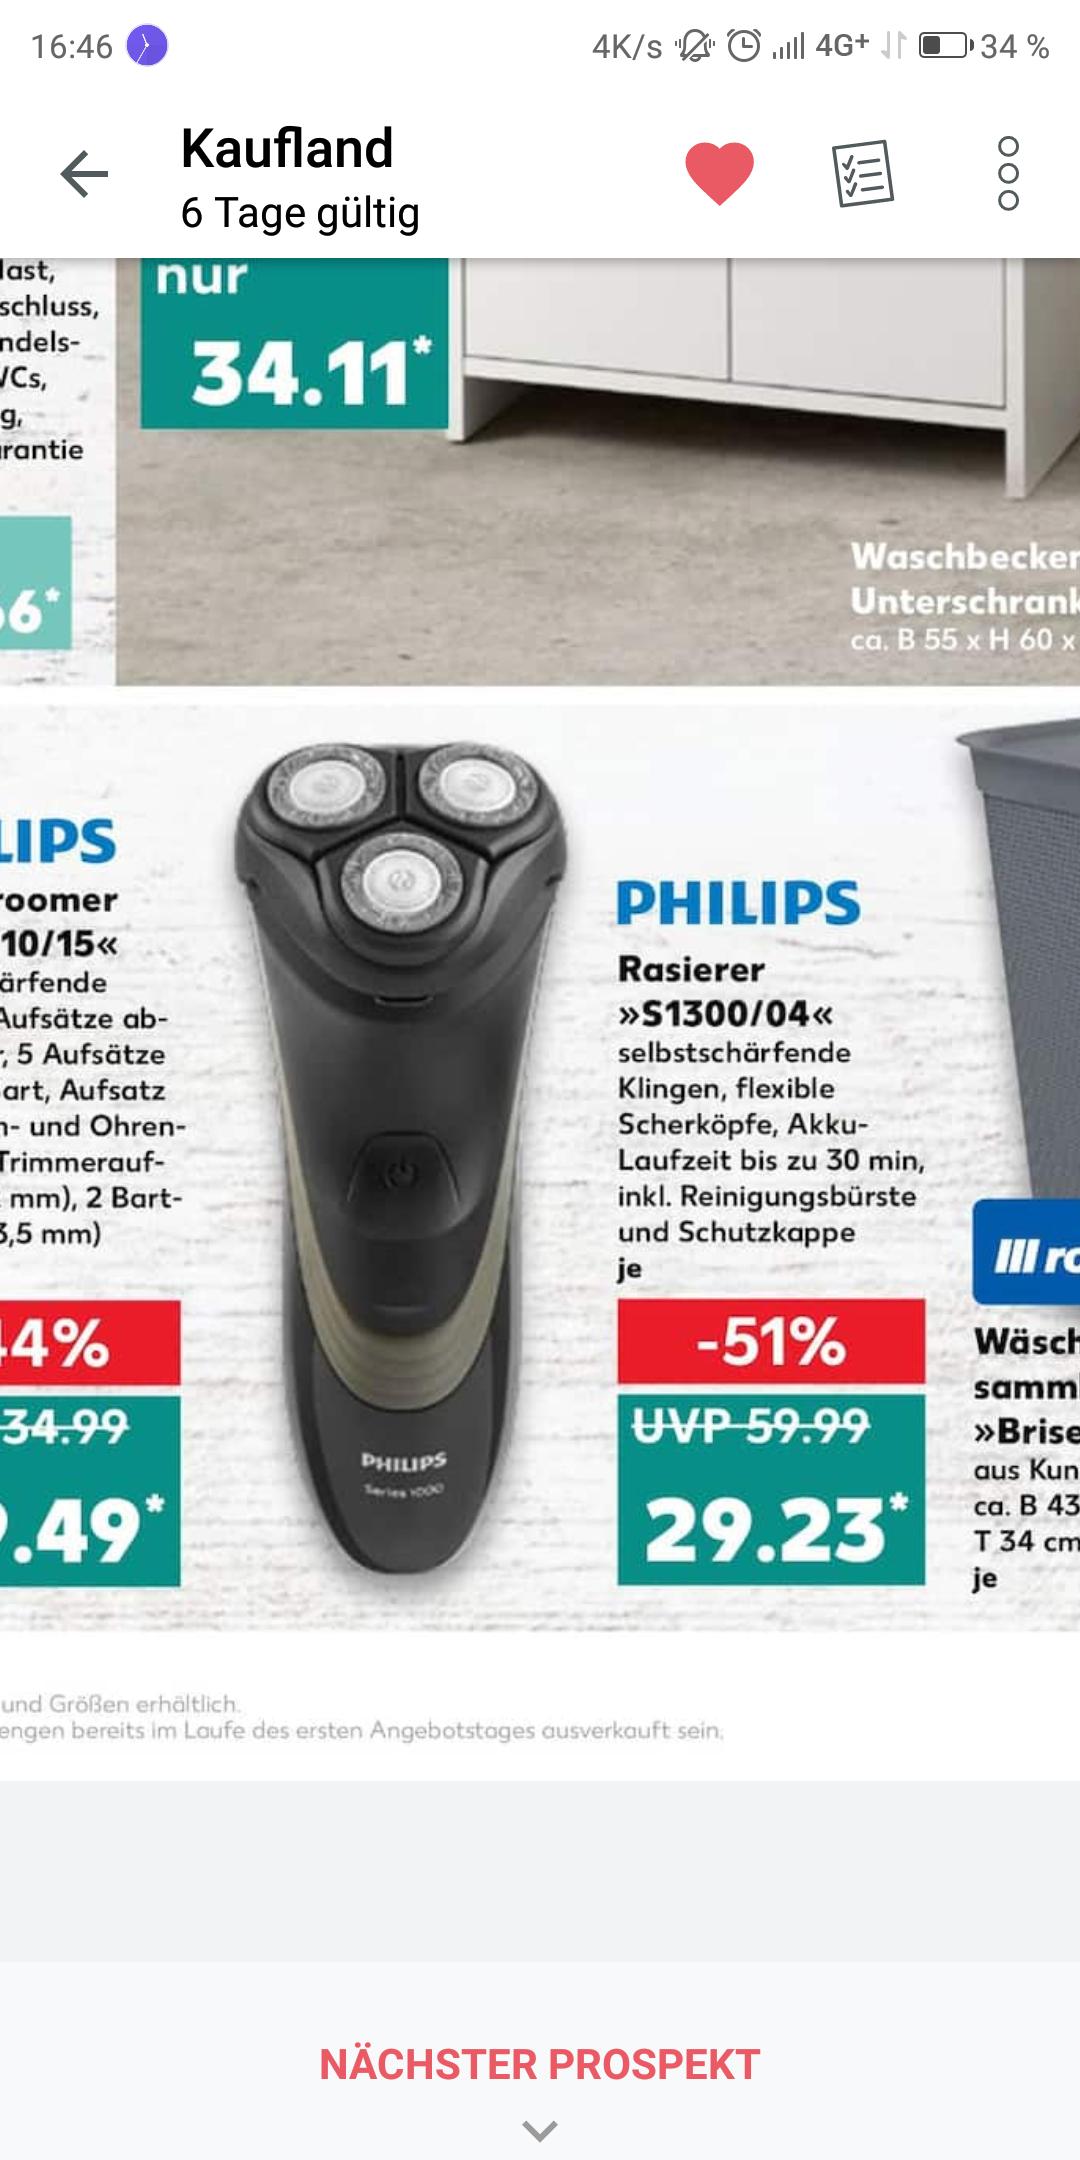 Philips Rasierer Angebote ⇒ Jetzt günstig kaufen